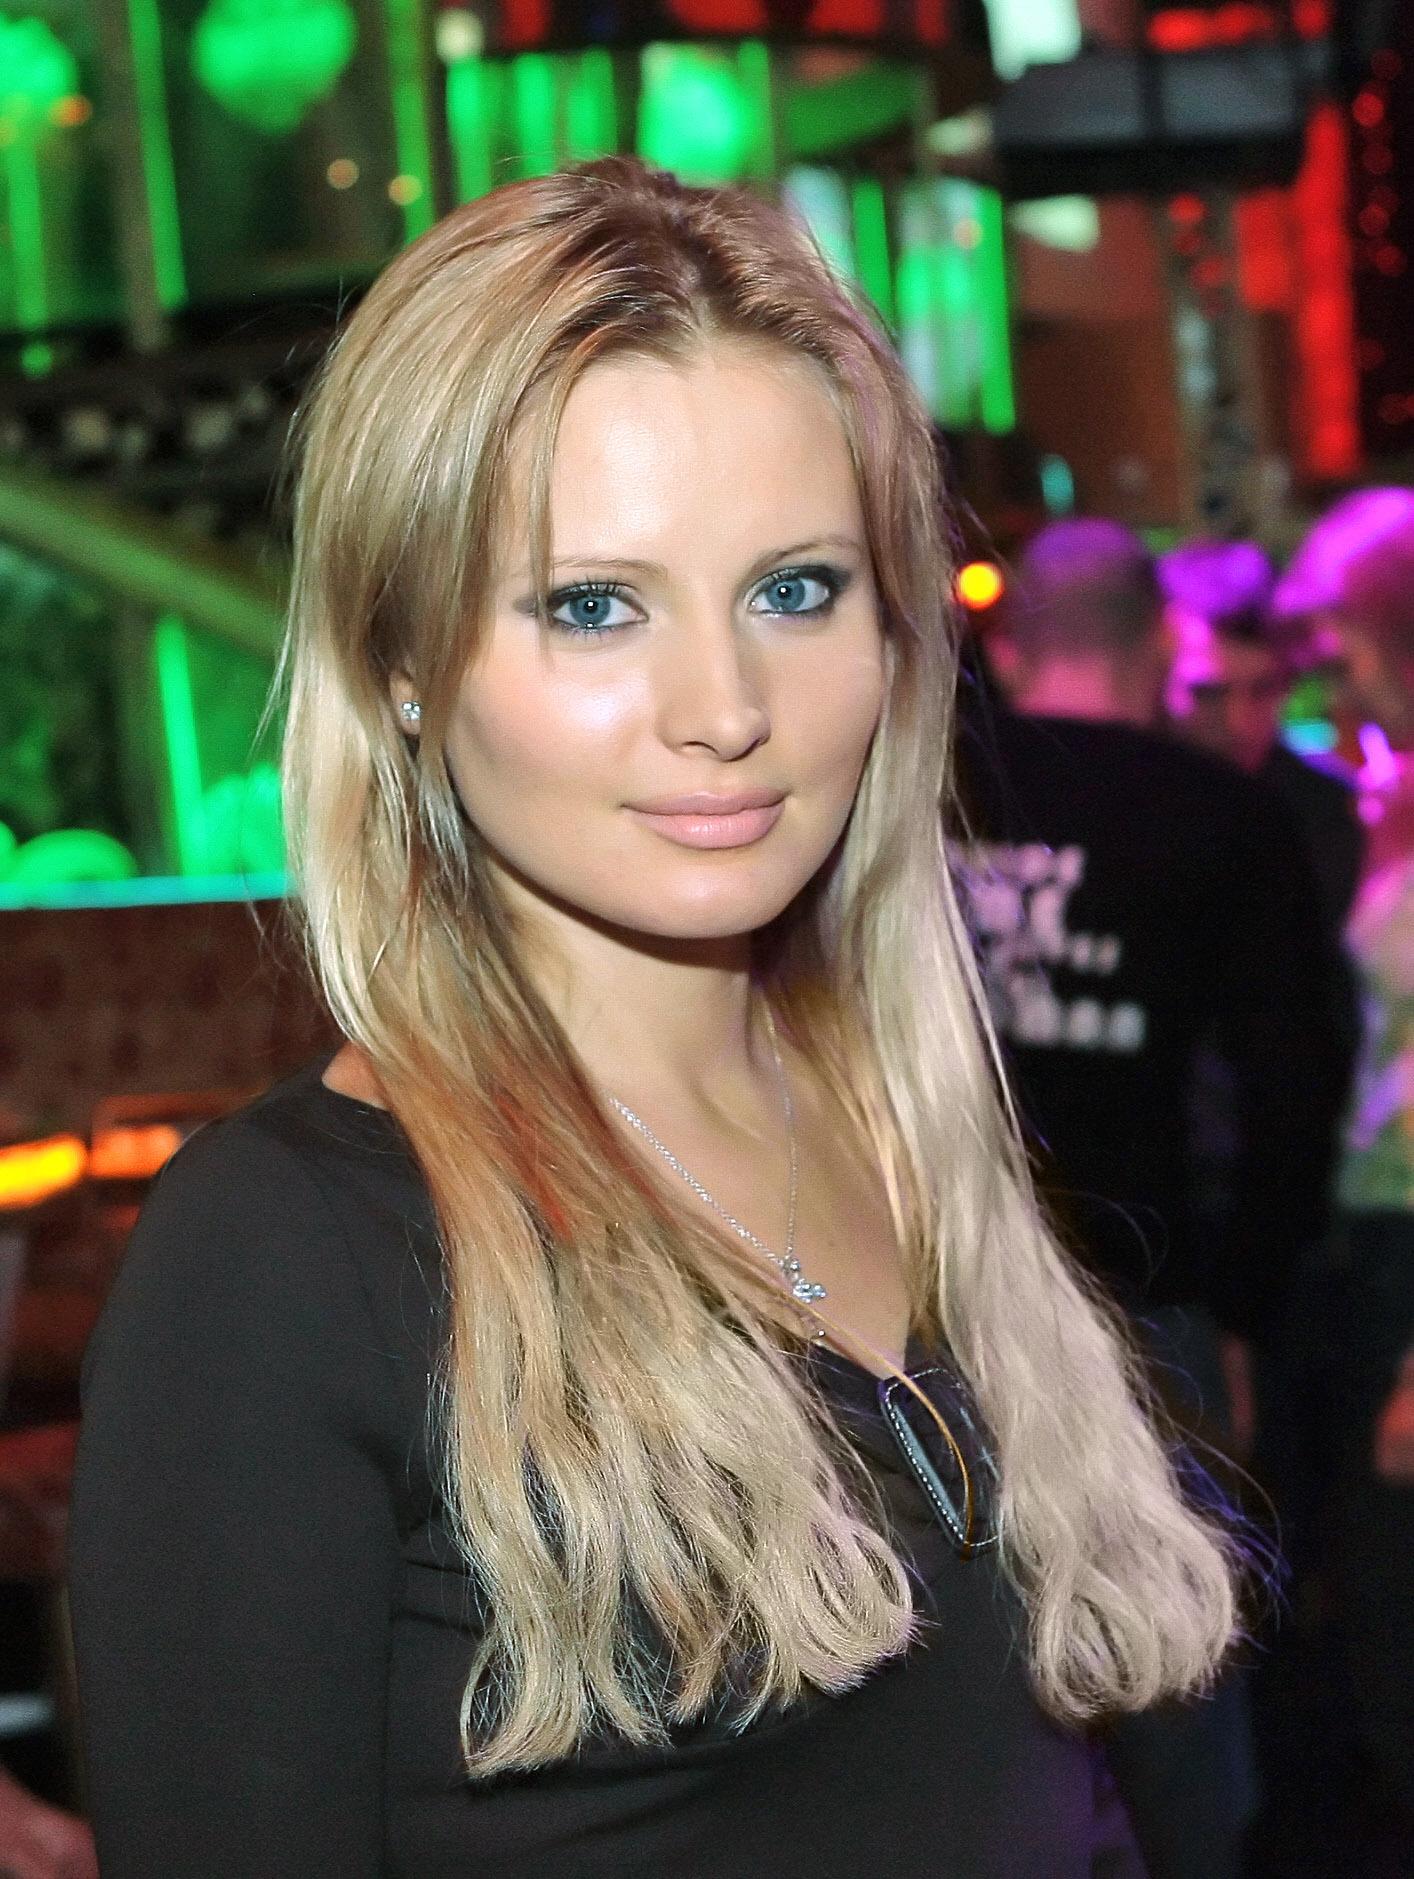 dana borisova photo 45 of 97 pics wallpaper   photo